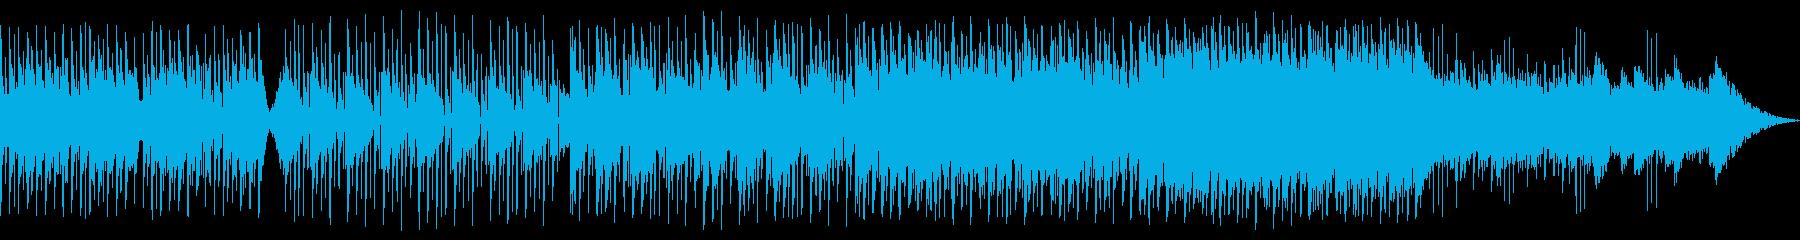 アップテンポなシンセポップの再生済みの波形